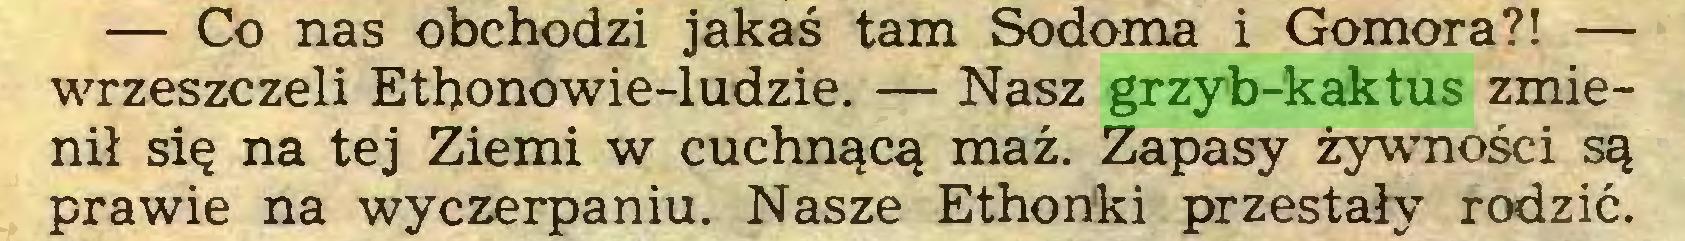 (...) — Co nas obchodzi jakaś tam Sodoma i Gomora?! — wrzeszczeli Ethonowie-ludzie. — Nasz grzyb-kaktus zmienił się na tej Ziemi w cuchnącą maź. Zapasy żywności są prawie na wyczerpaniu. Nasze Ethonki przestały rodzić...